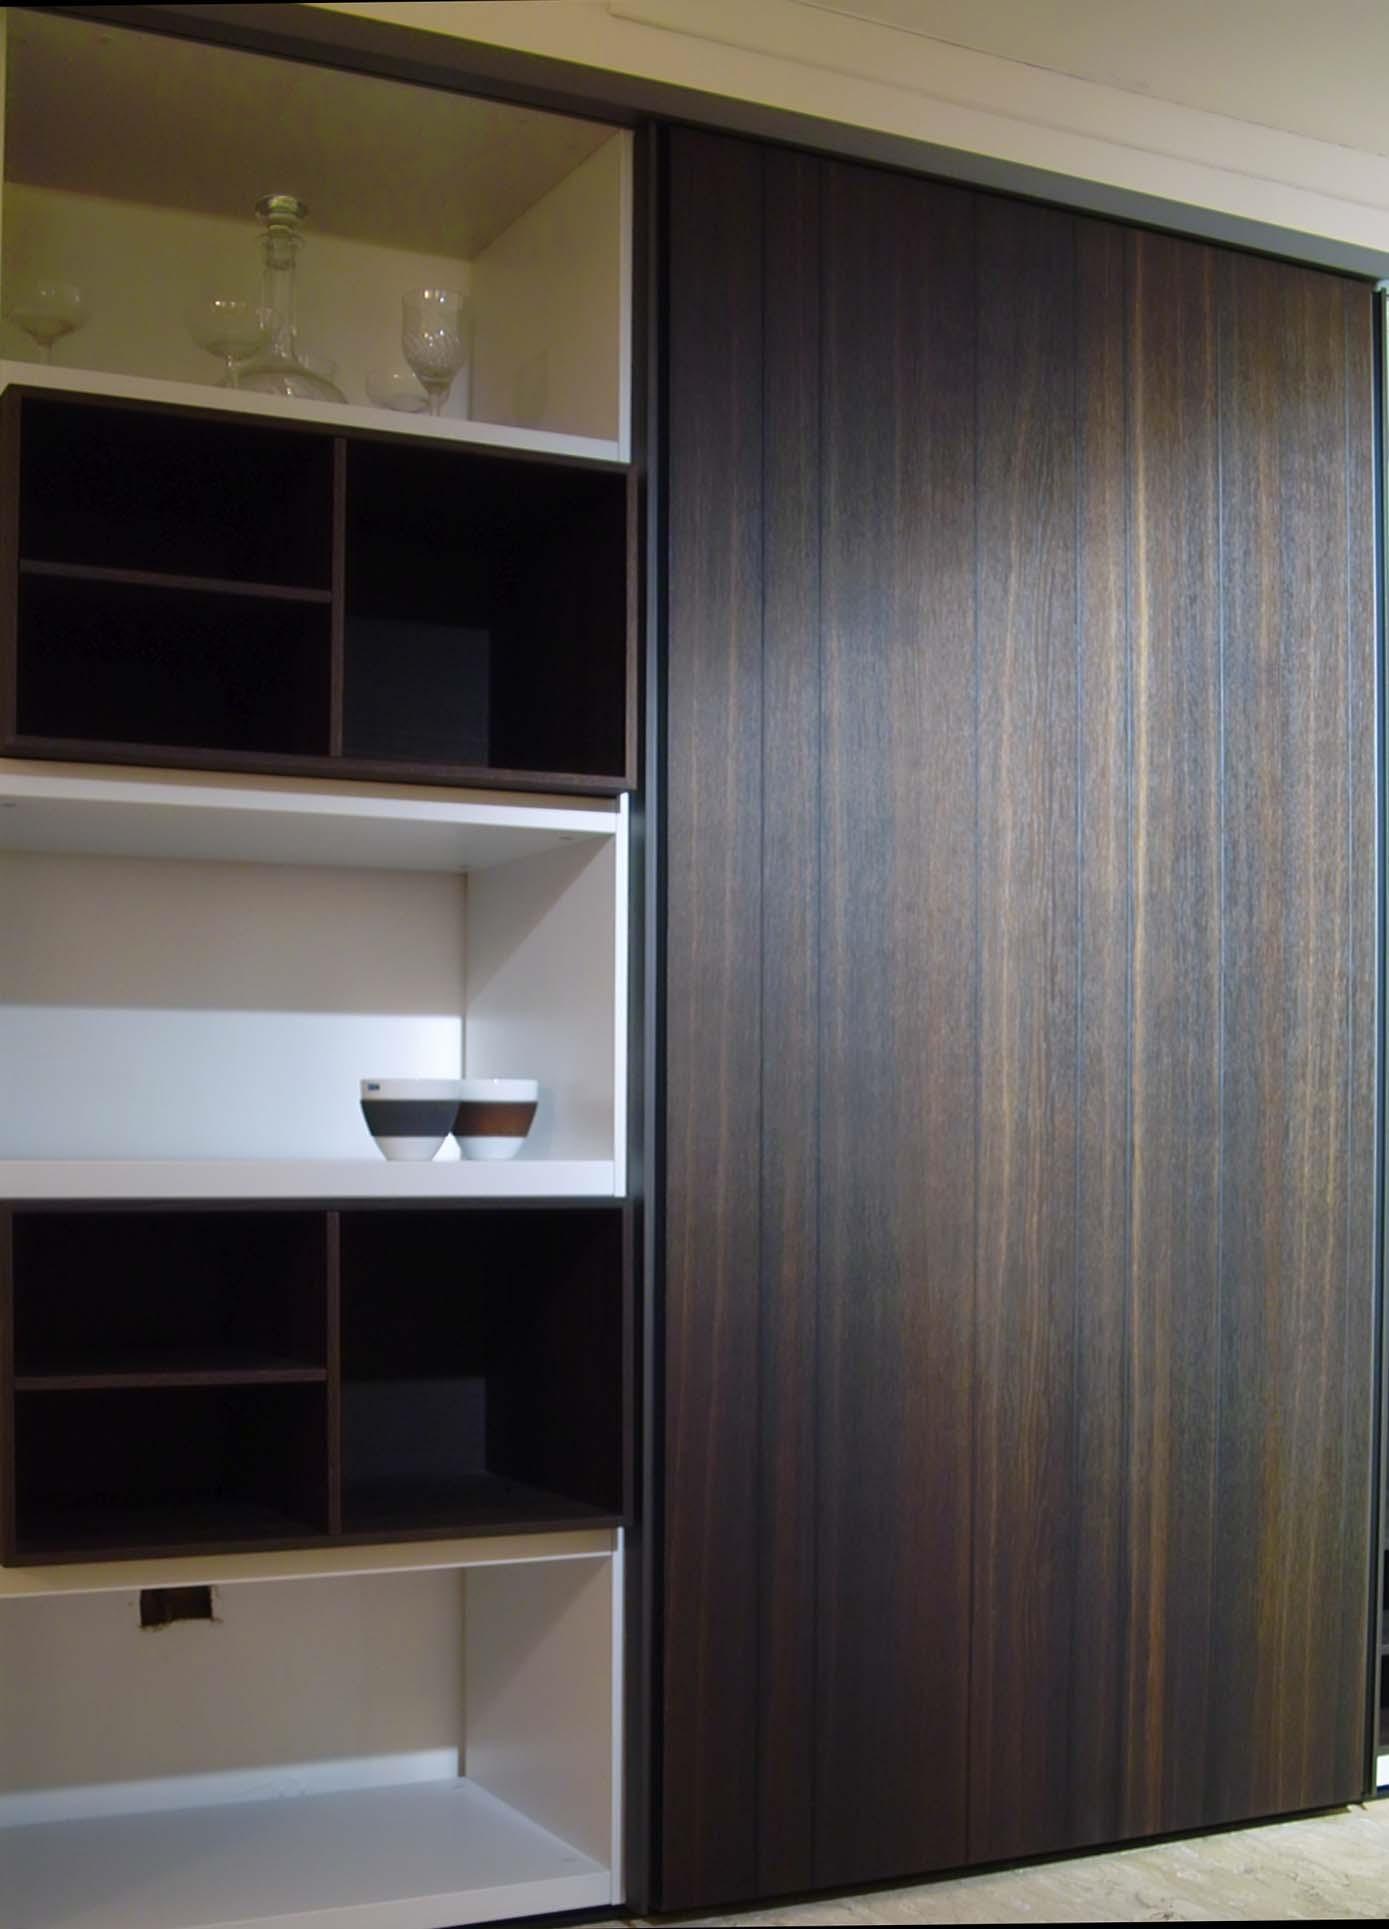 Albergo Con Piscina In Camera ~ Il meglio del design degli interni